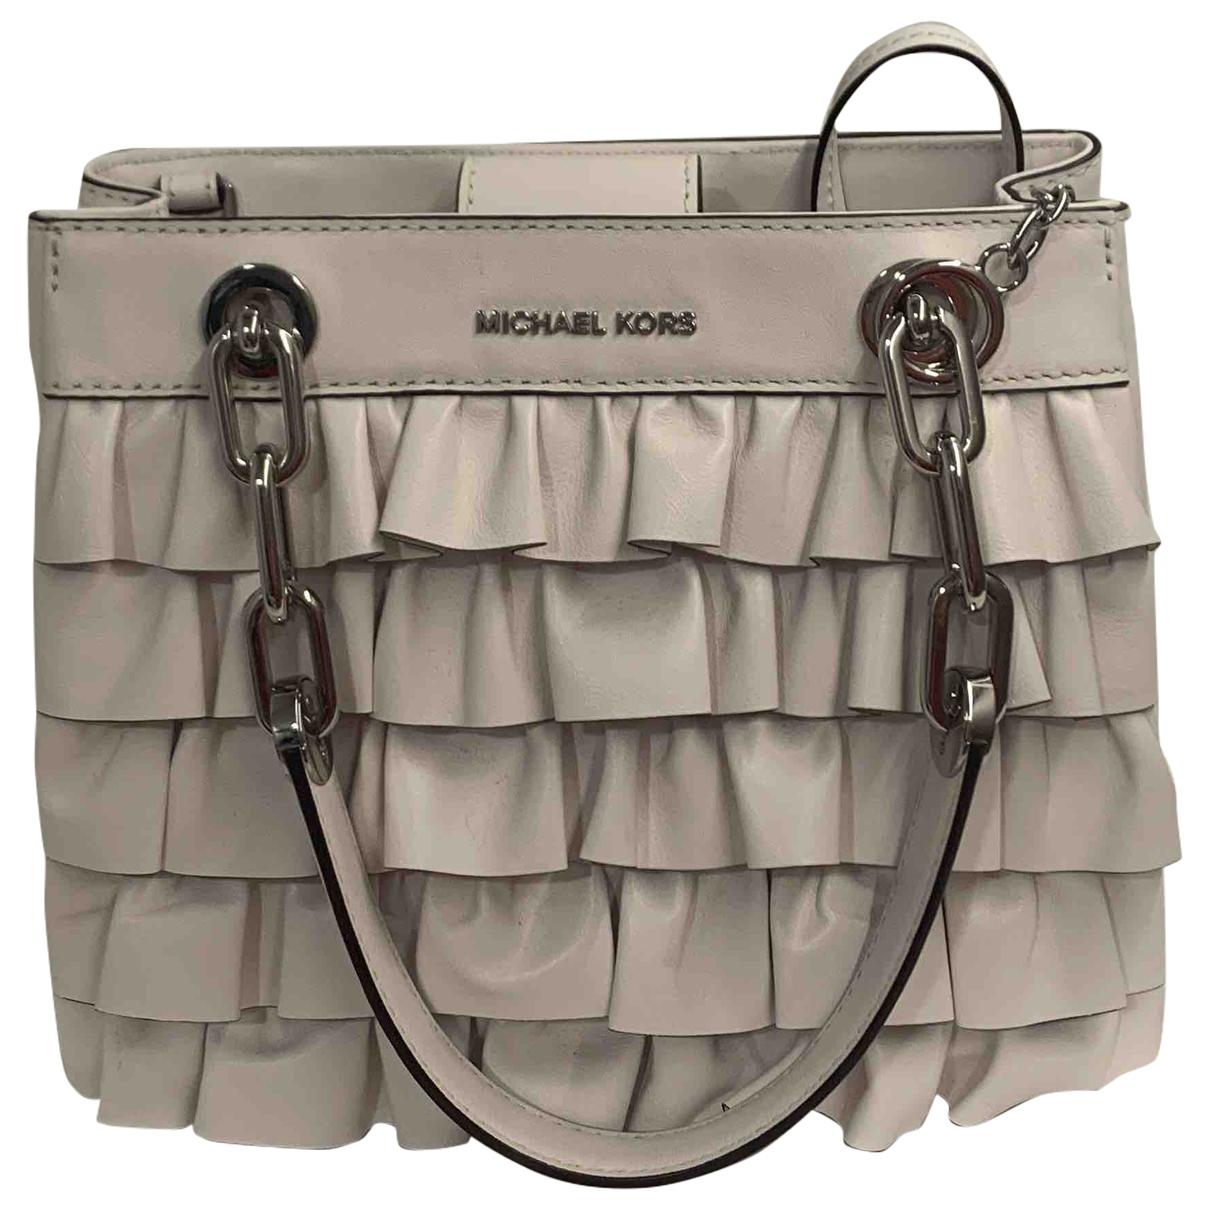 Michael Kors \N White Leather handbag for Women \N